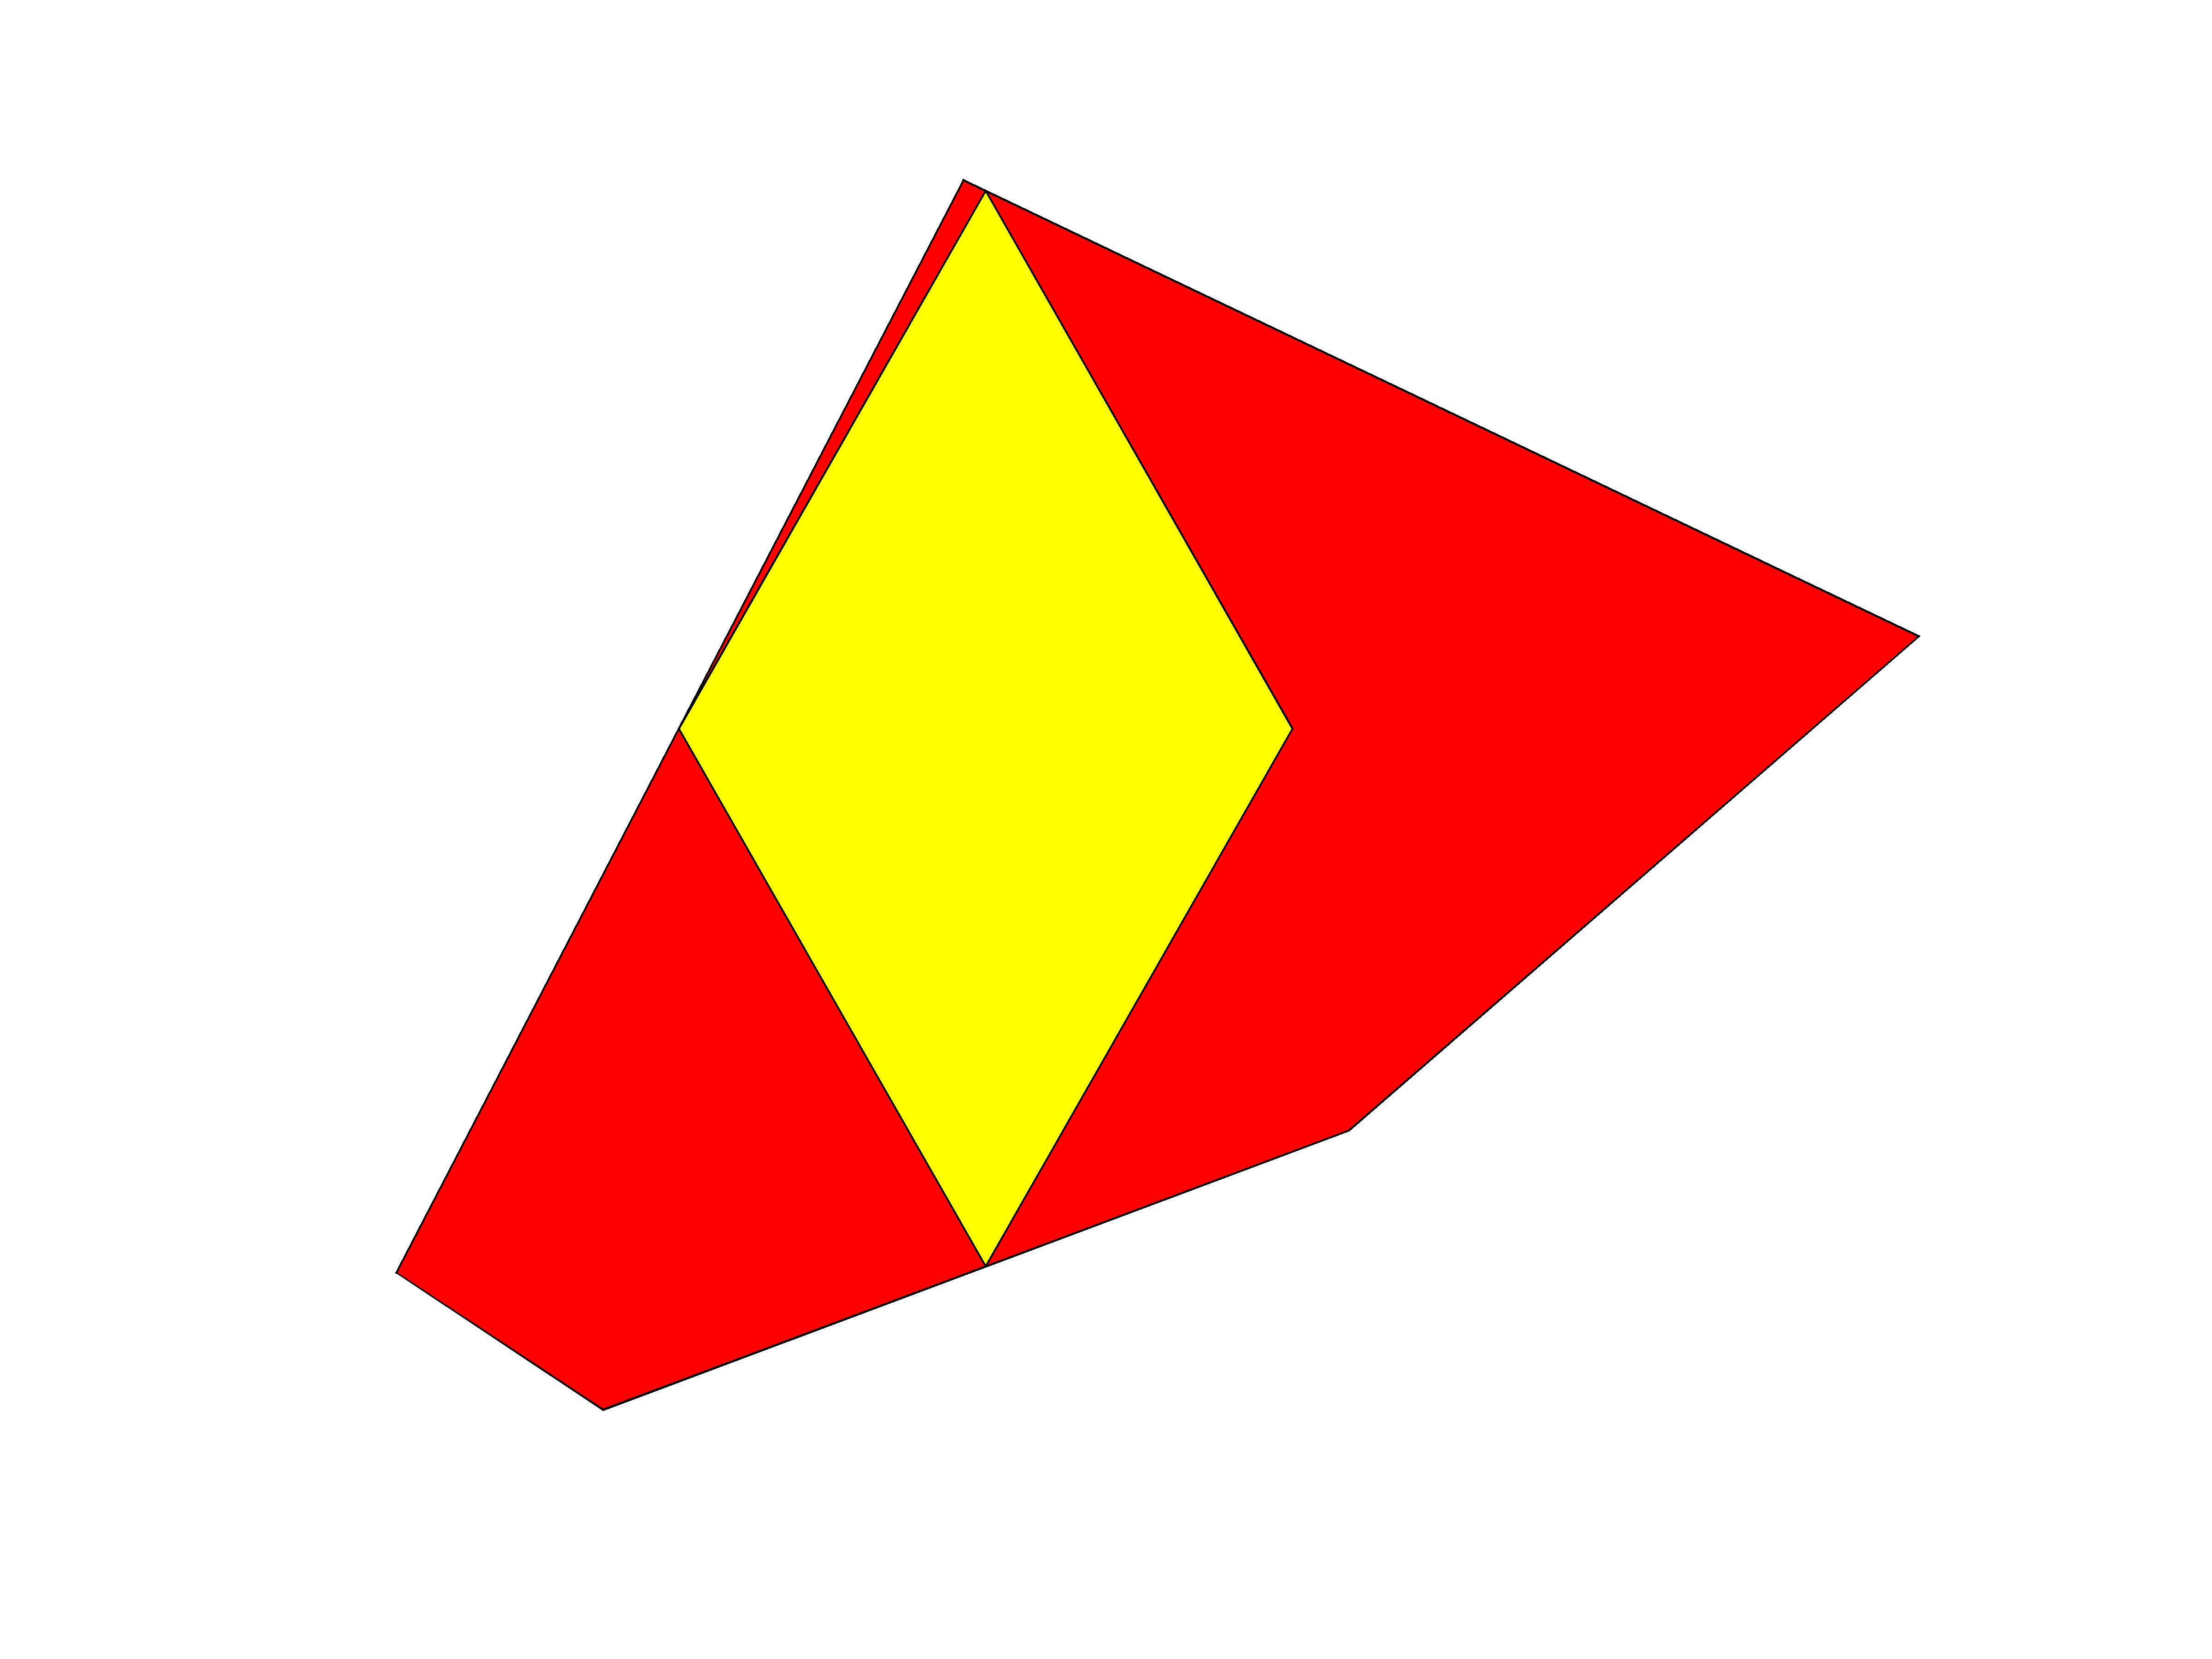 L1 Chebychev ball